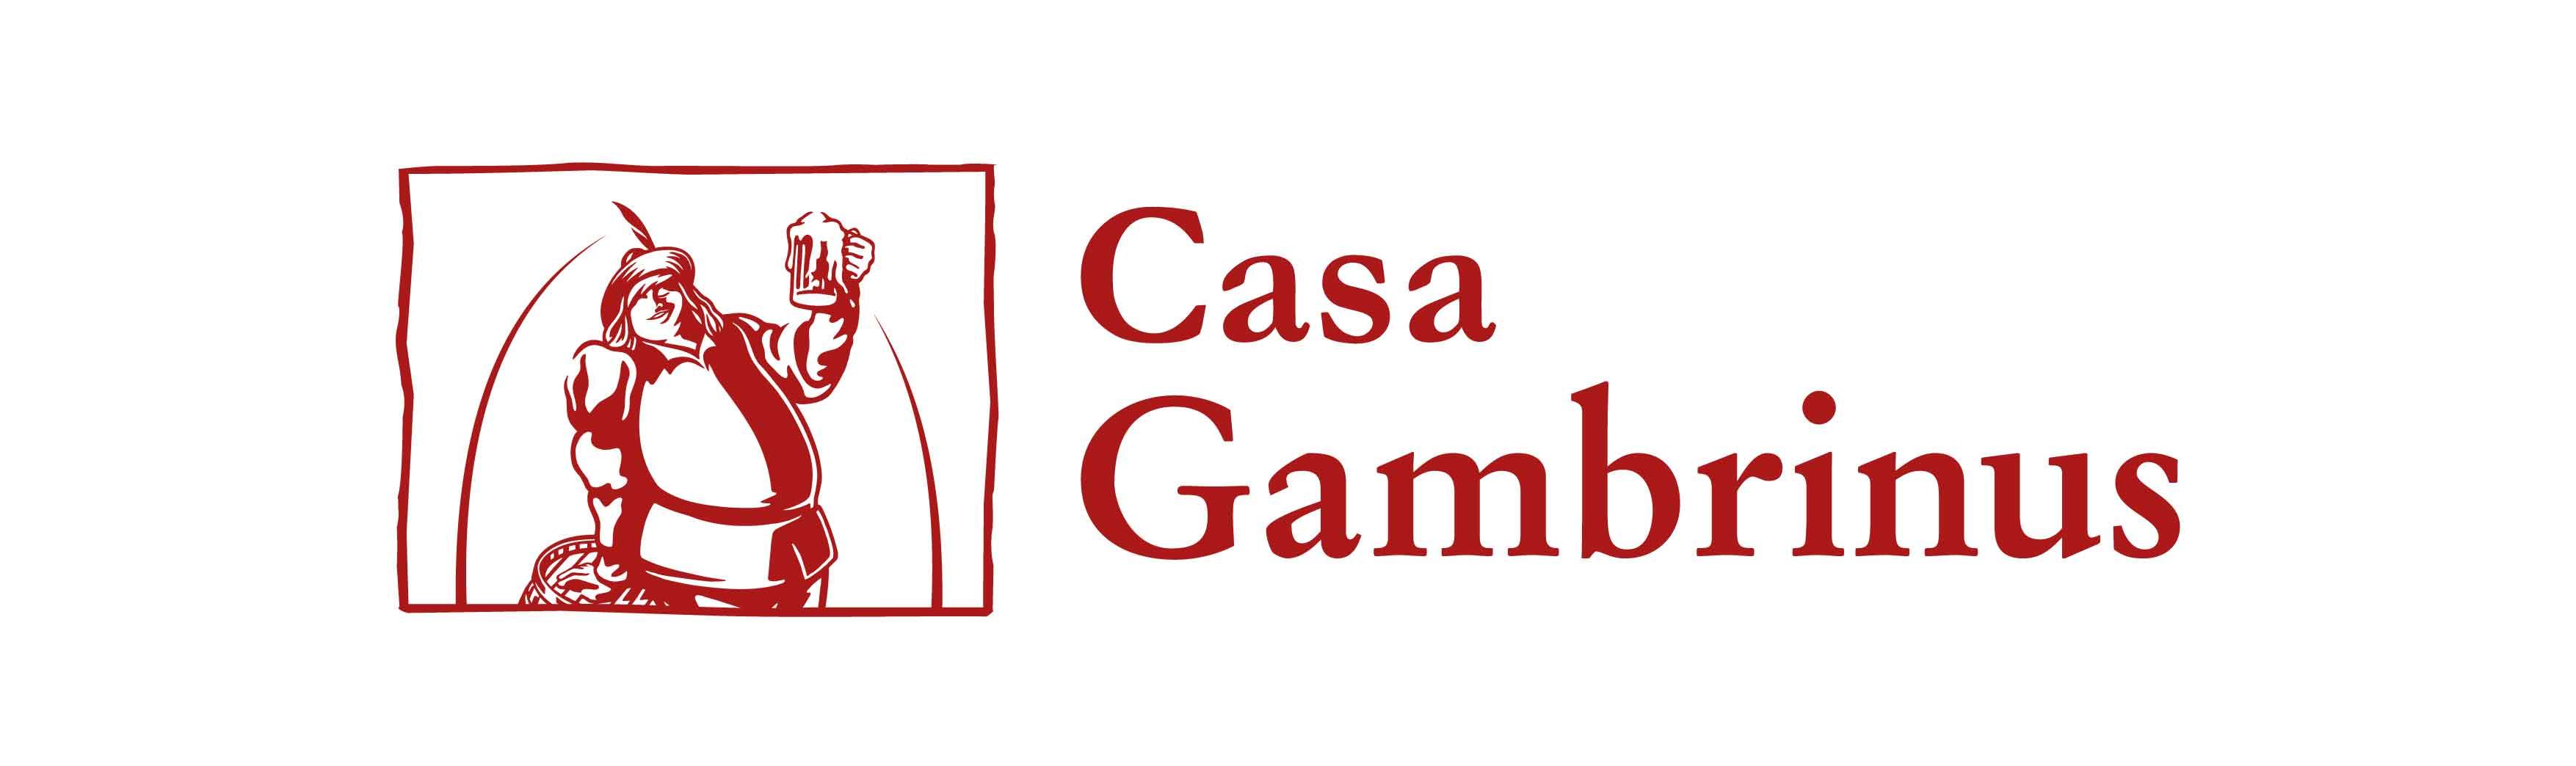 Beer & Food presenta la nueva imagen de 'Gambrinus'